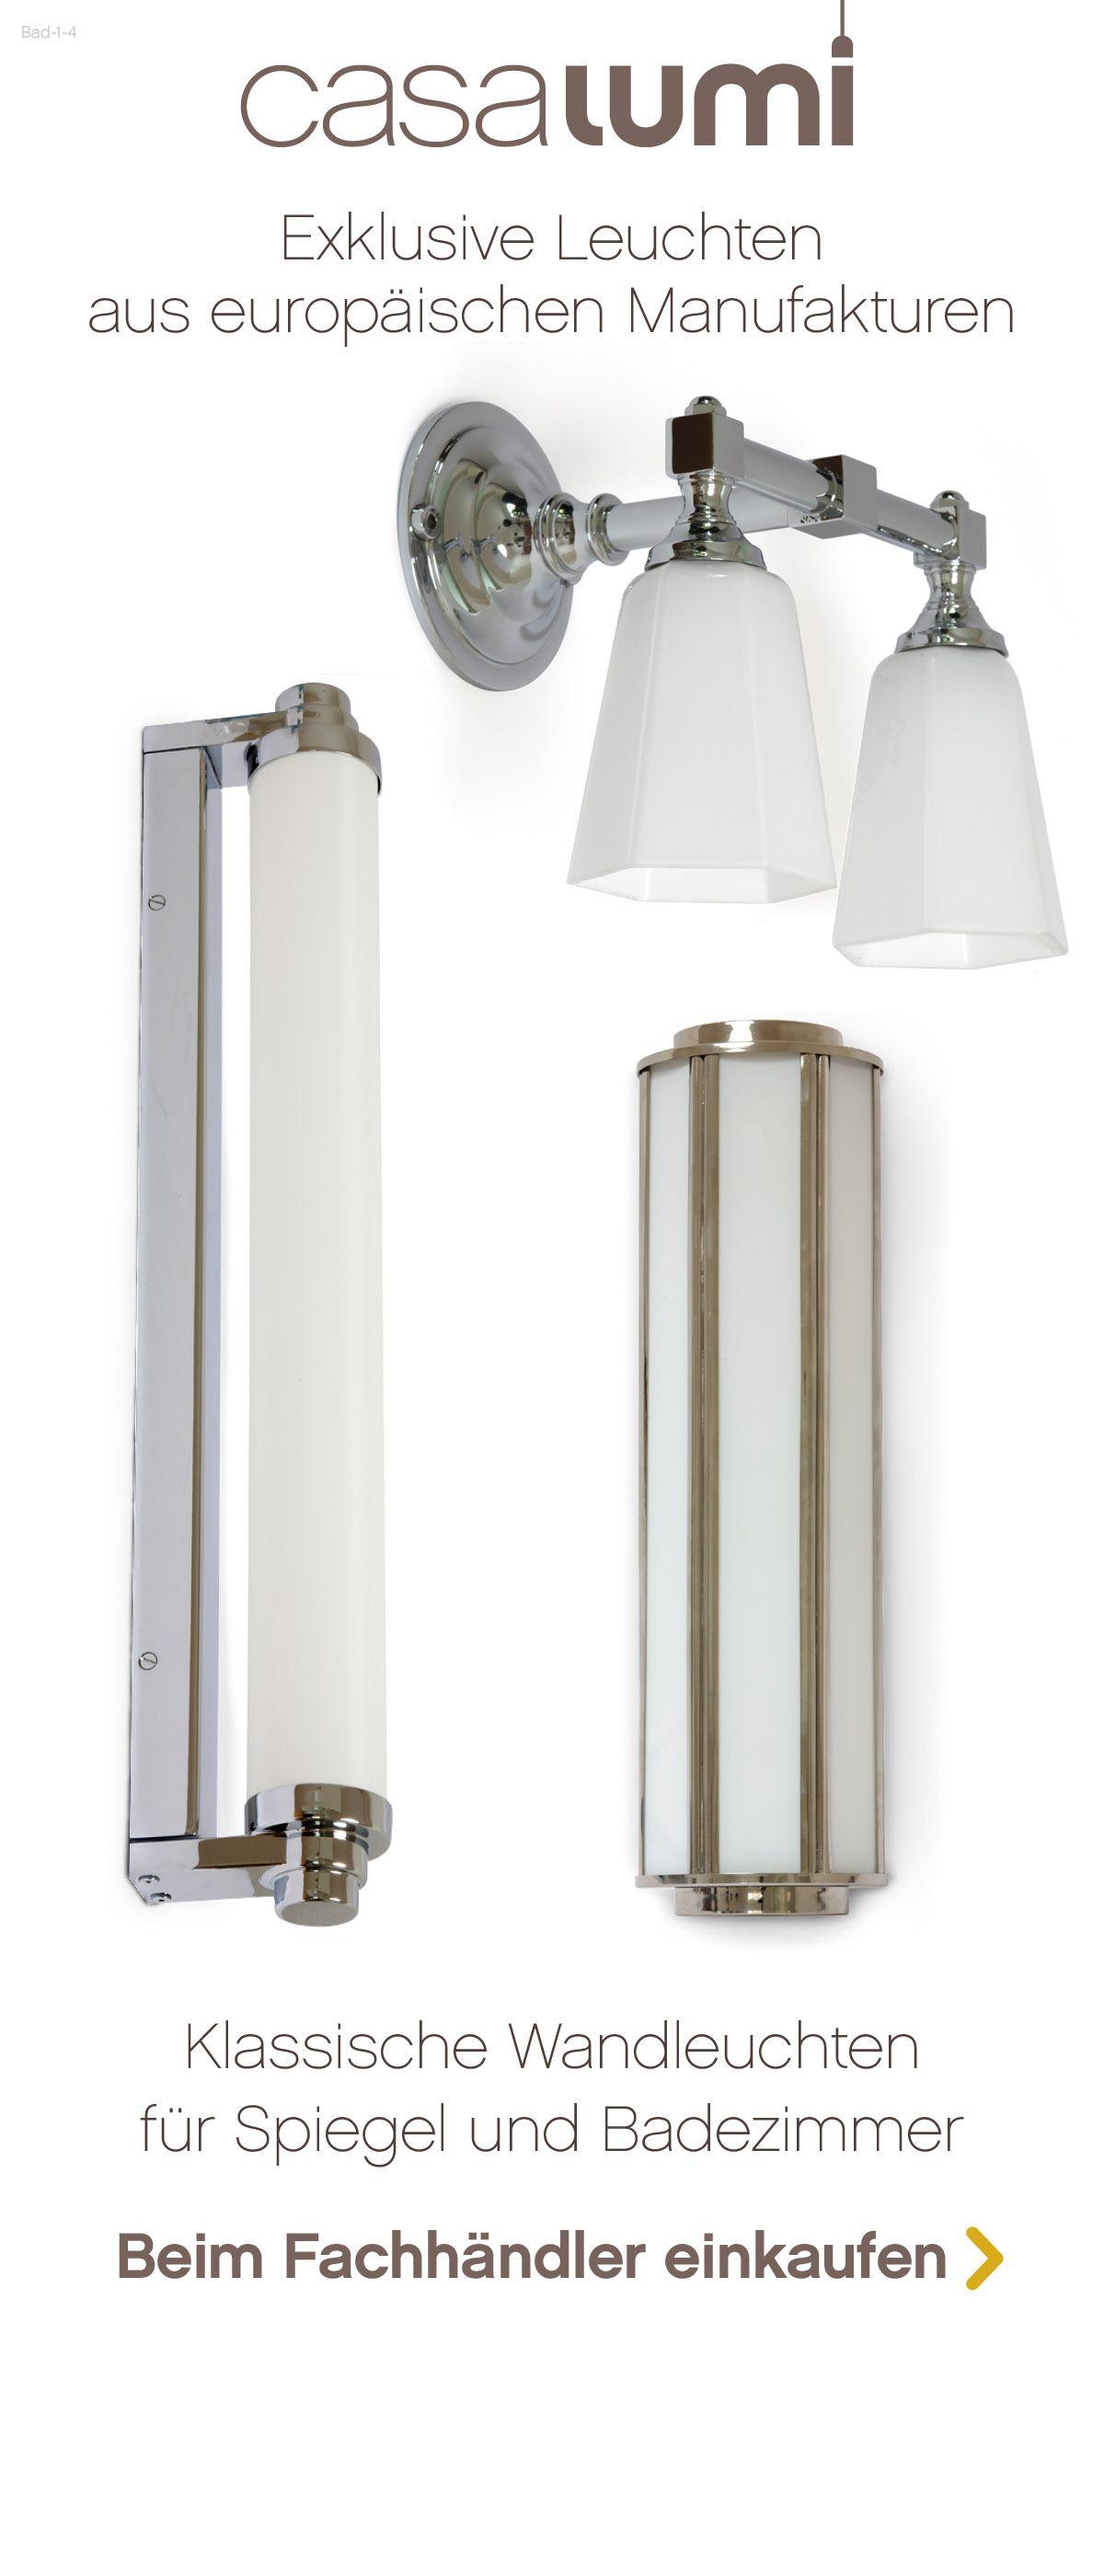 Bad 1 4 Exklusive Badezimmer Leuchten Badezimmer Lampe Wand Leuchten